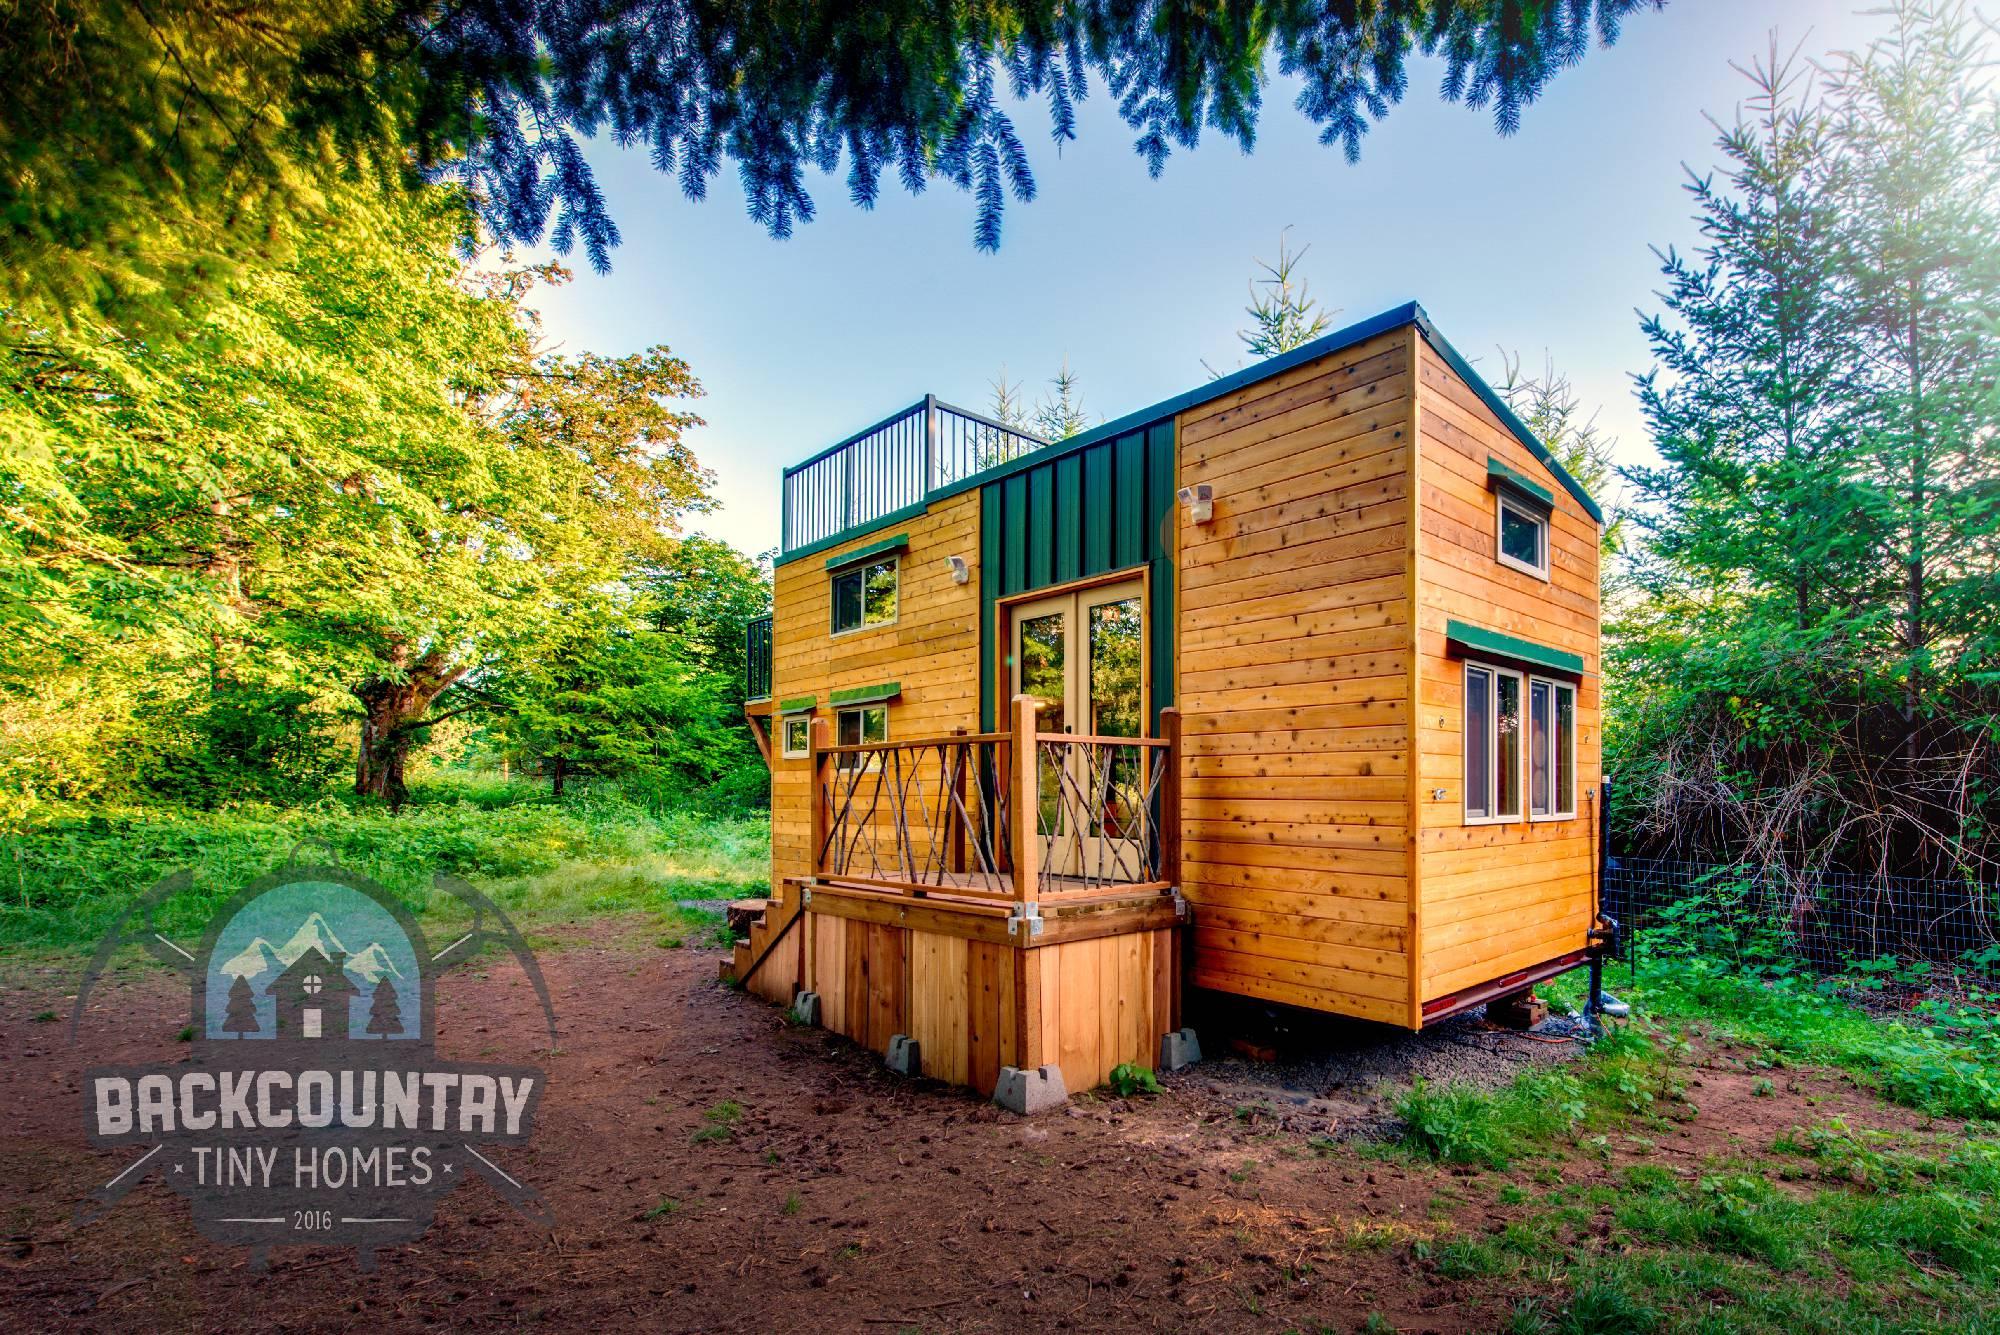 luketinaorlando-tinyhouse-36-4848x3236-82